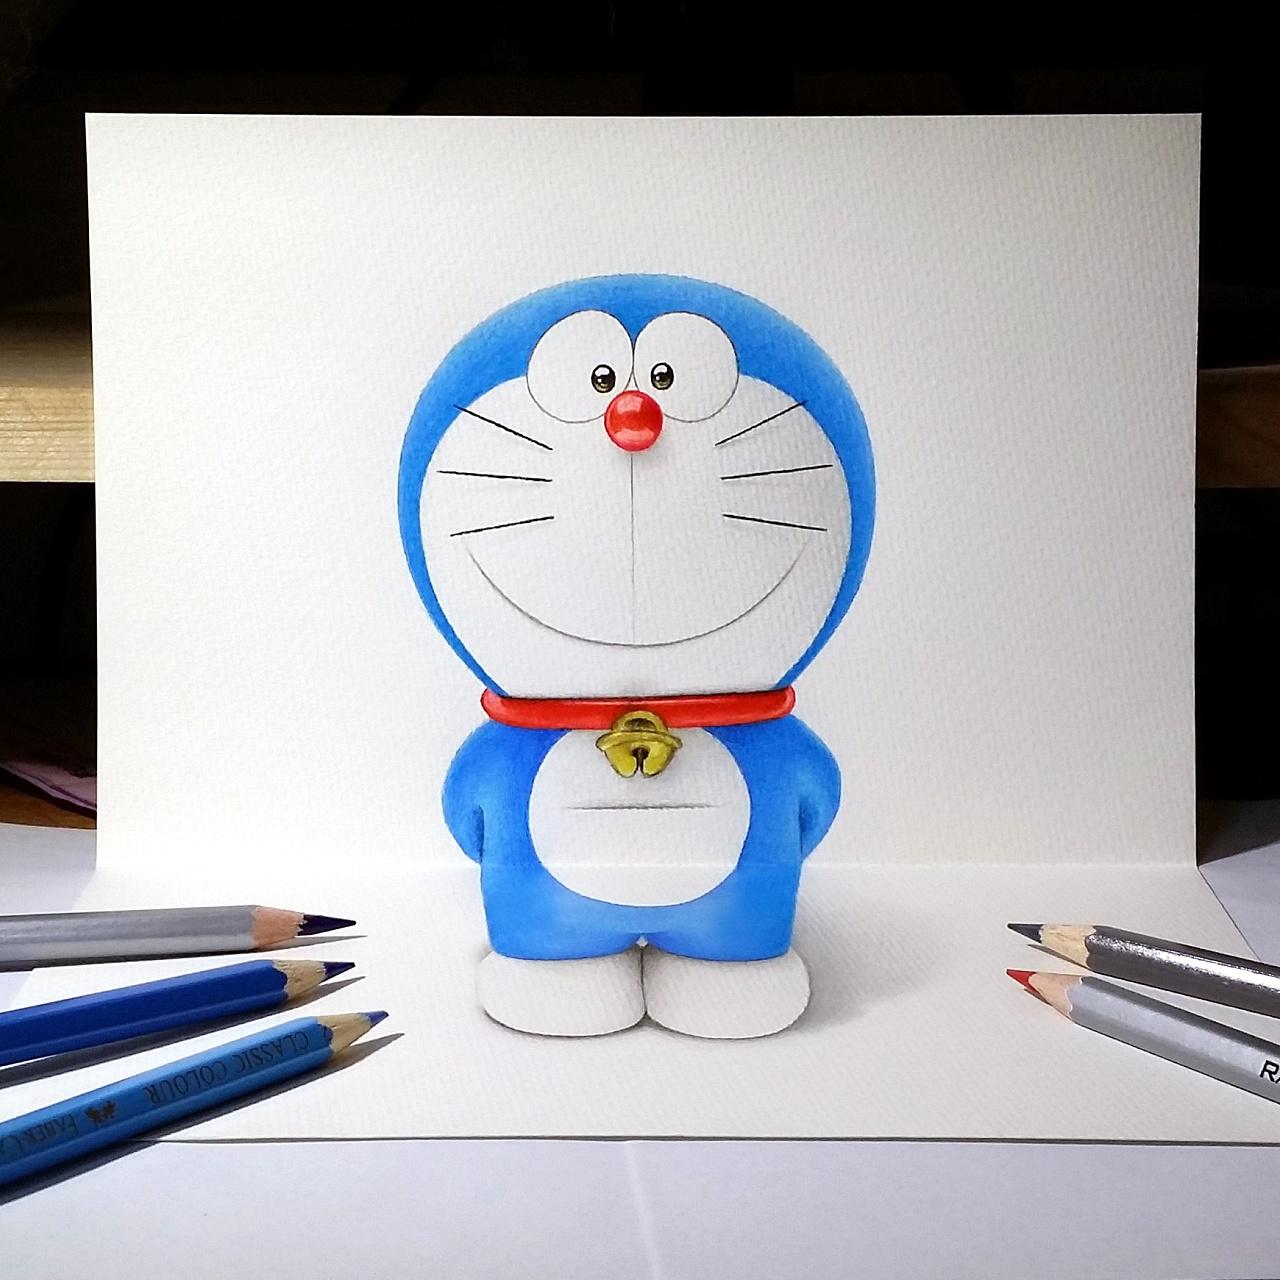 彩铅3d插画—哆啦a梦